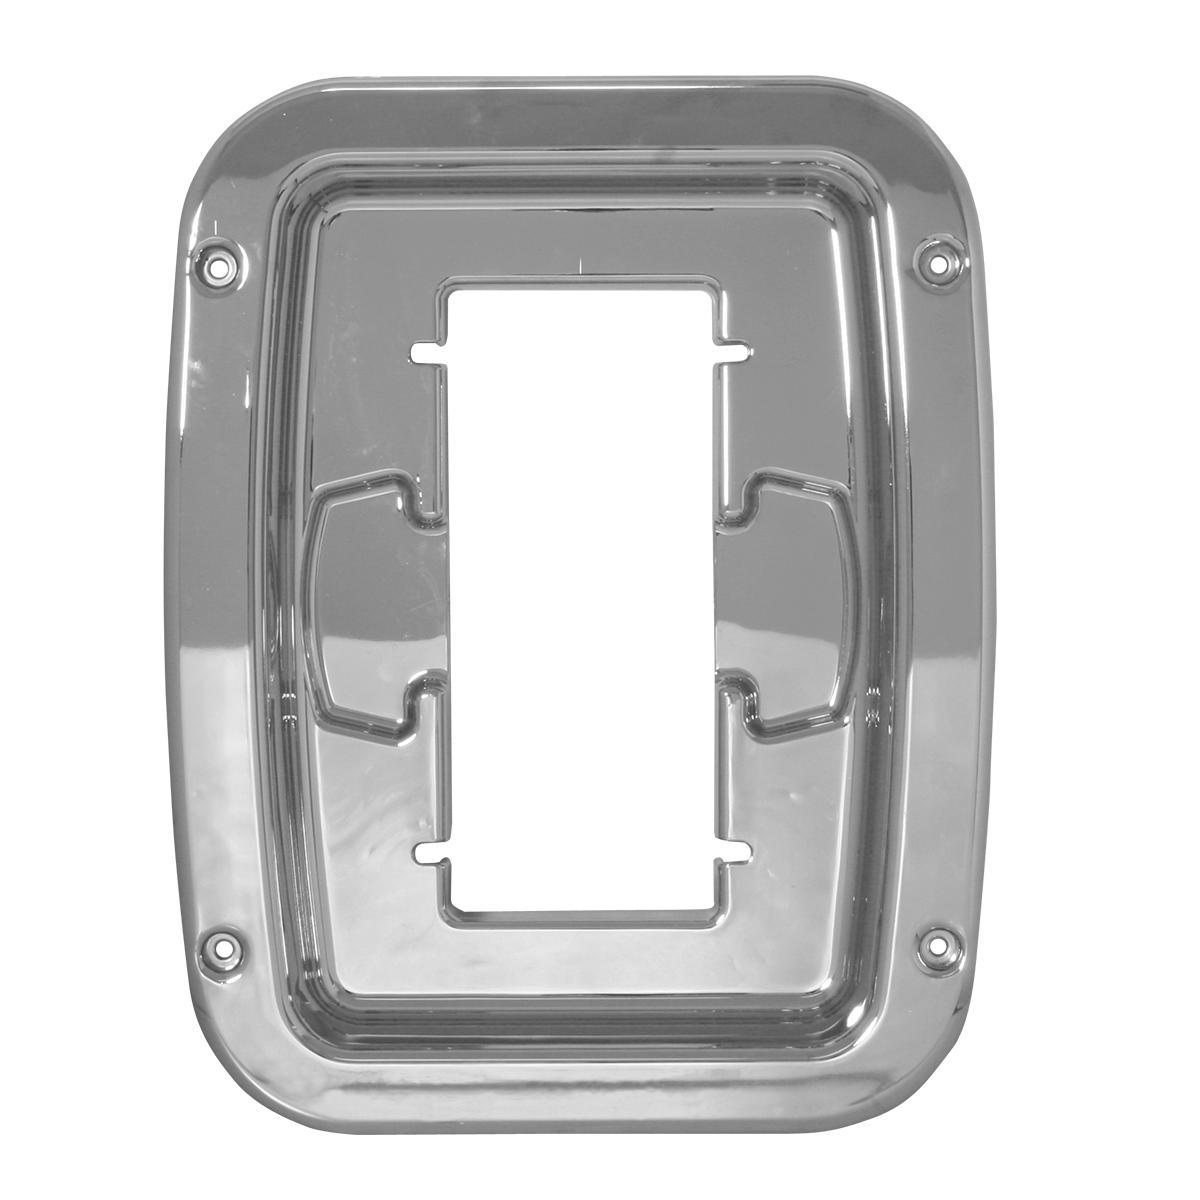 52017 Ventilator Box Cover for Sleeper w/ Vent Door